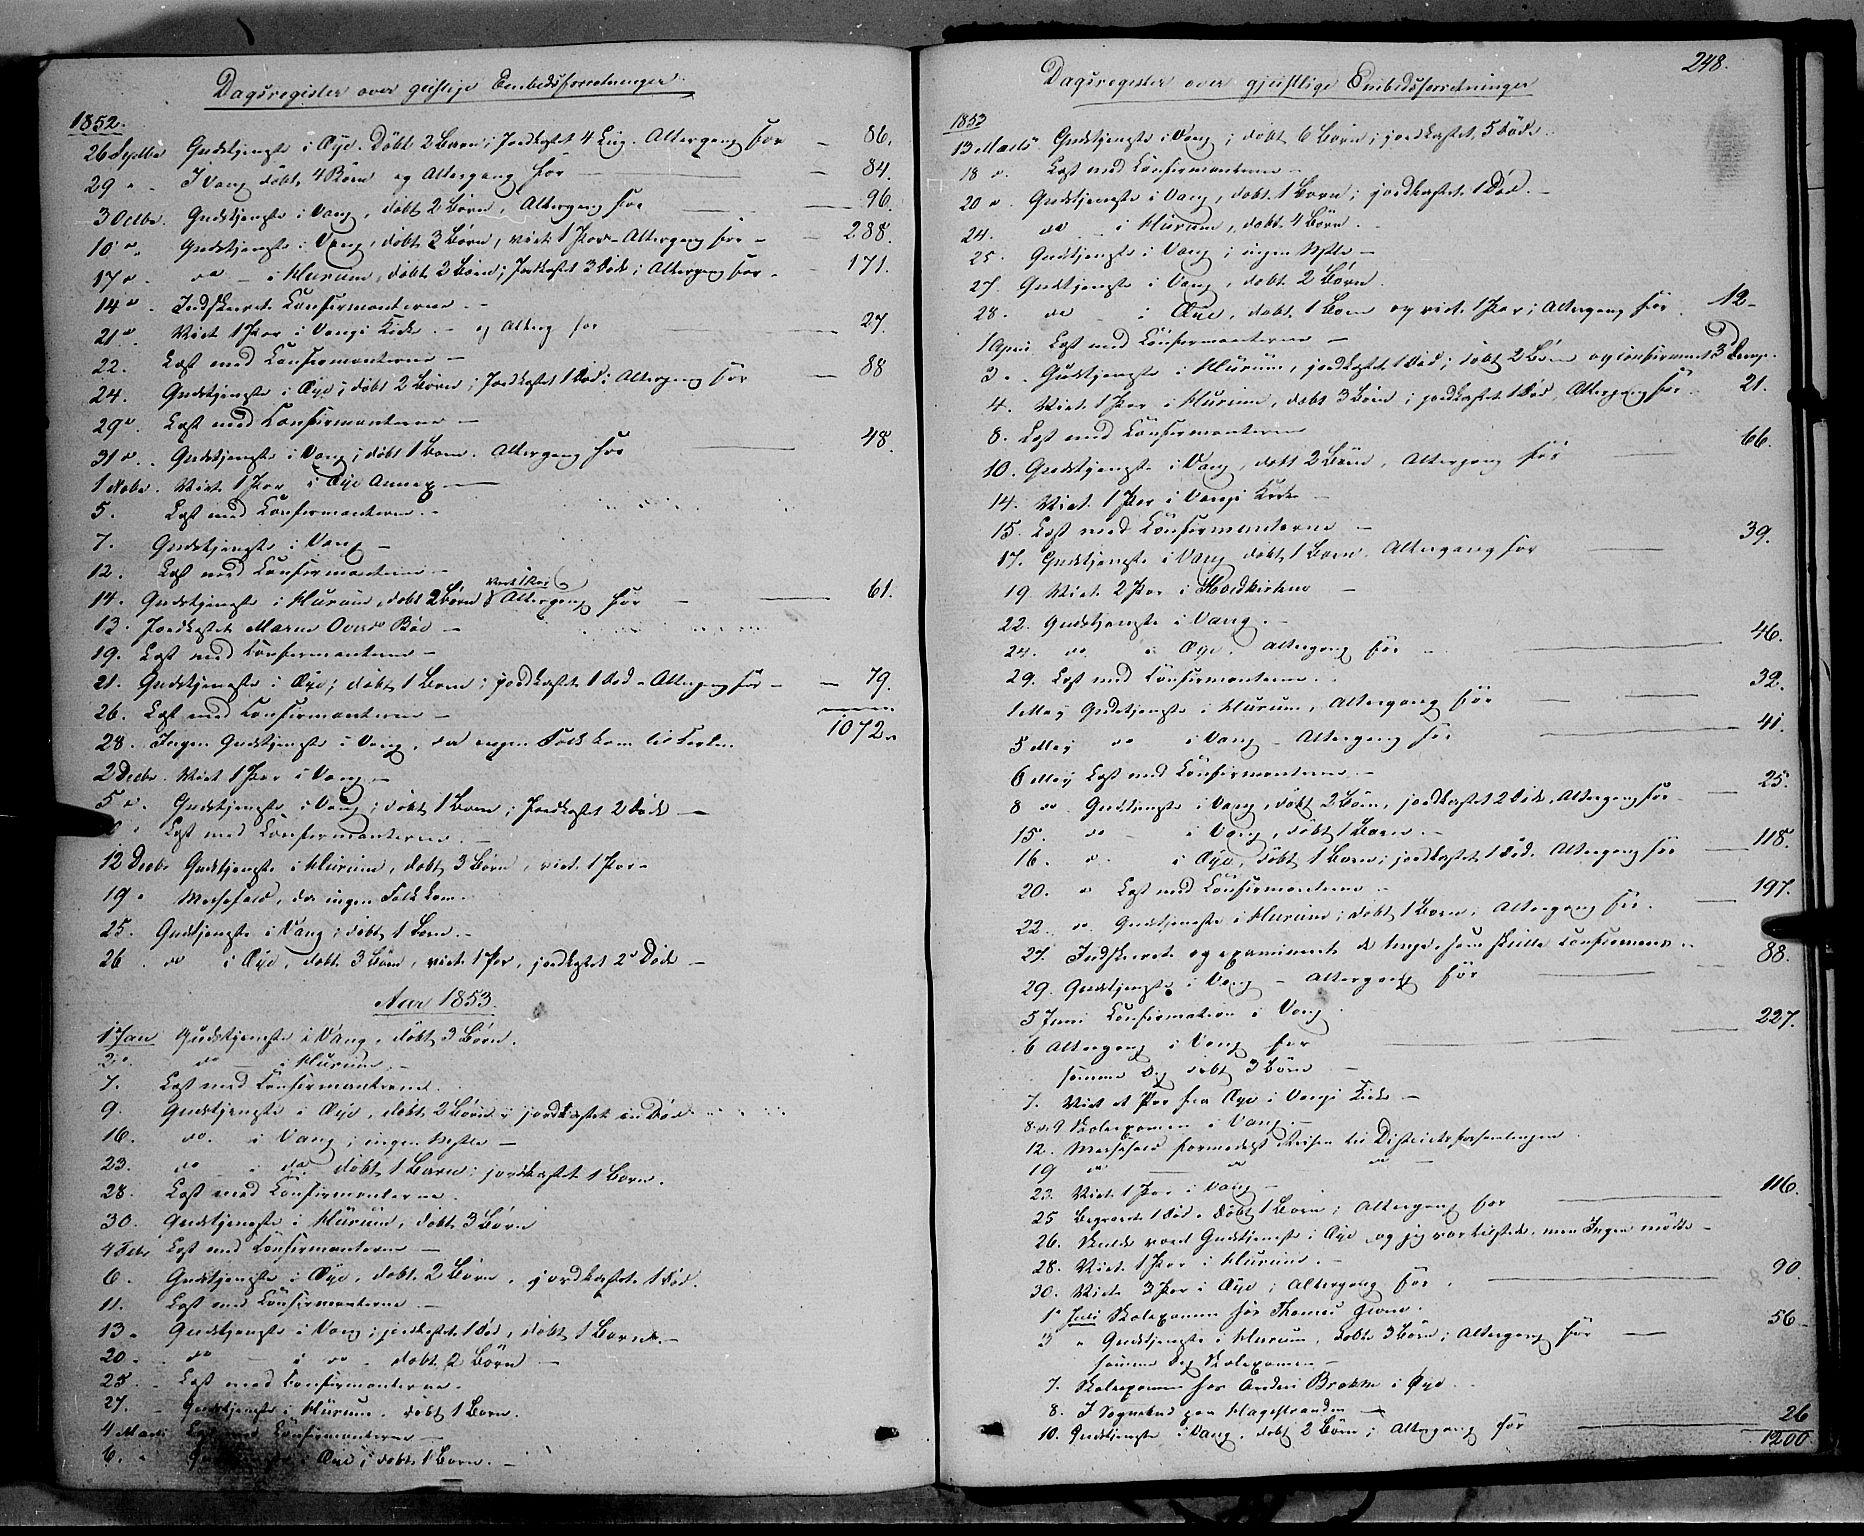 SAH, Vang prestekontor, Valdres, Ministerialbok nr. 6, 1846-1864, s. 248